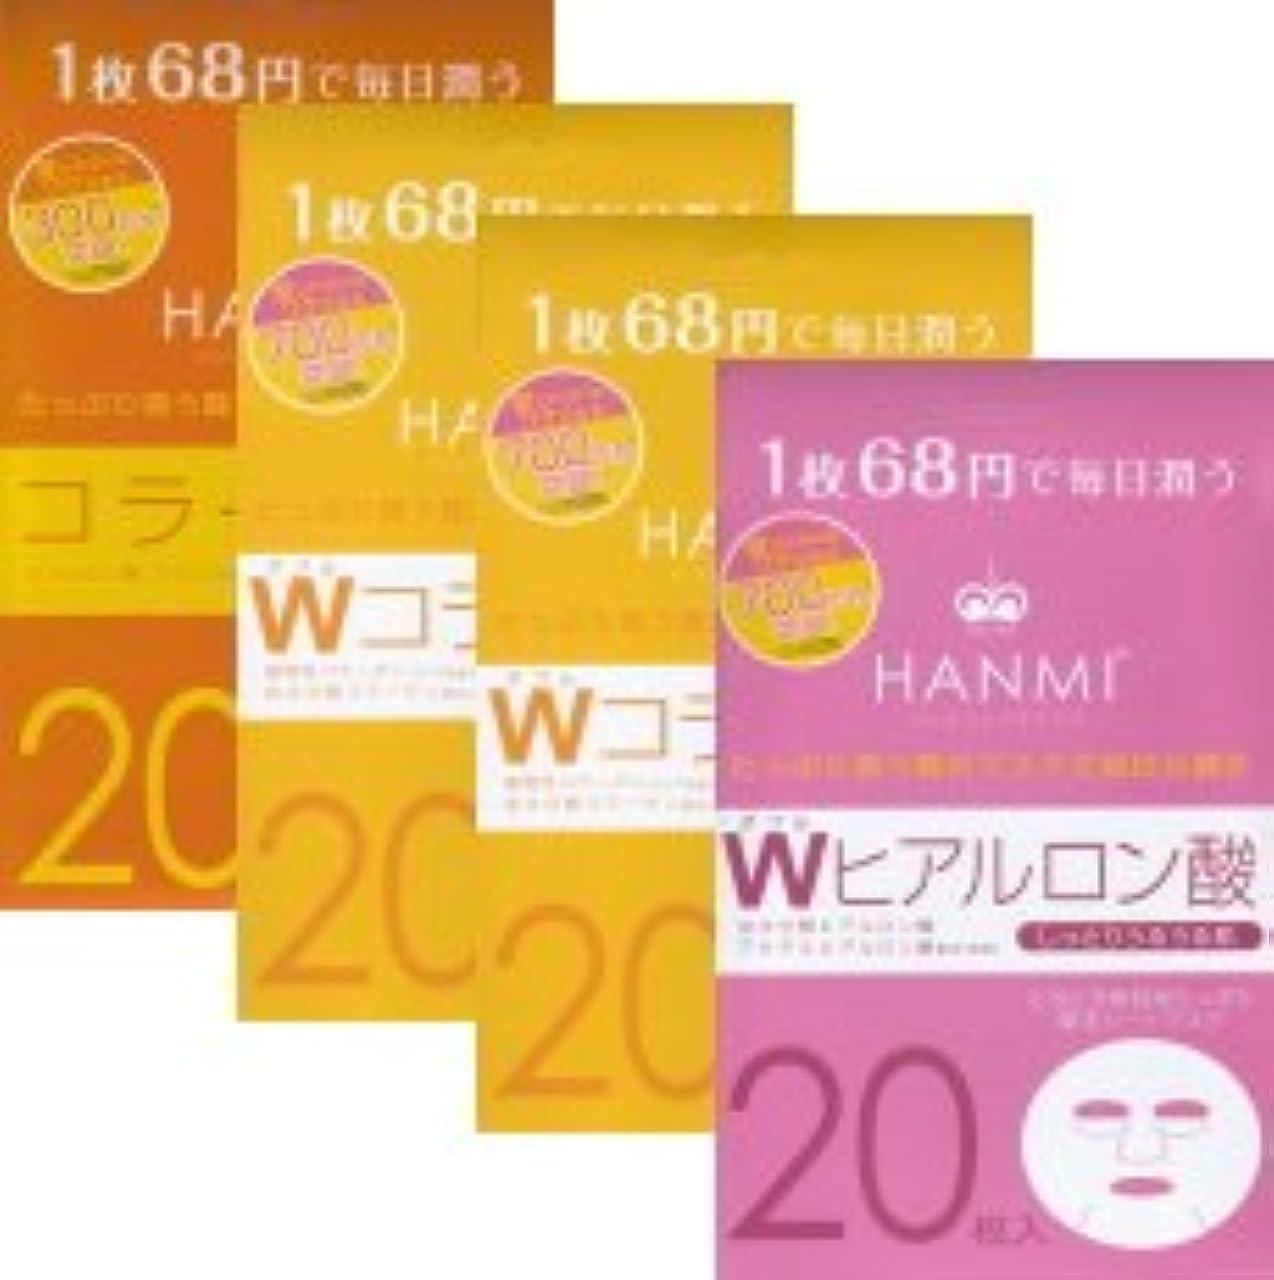 満たす秋インスタンスMIGAKI ハンミフェイスマスク(20枚入り)「コラーゲン×1個」「Wコラーゲン×2個」「Wヒアルロン酸×1個」の4個セット